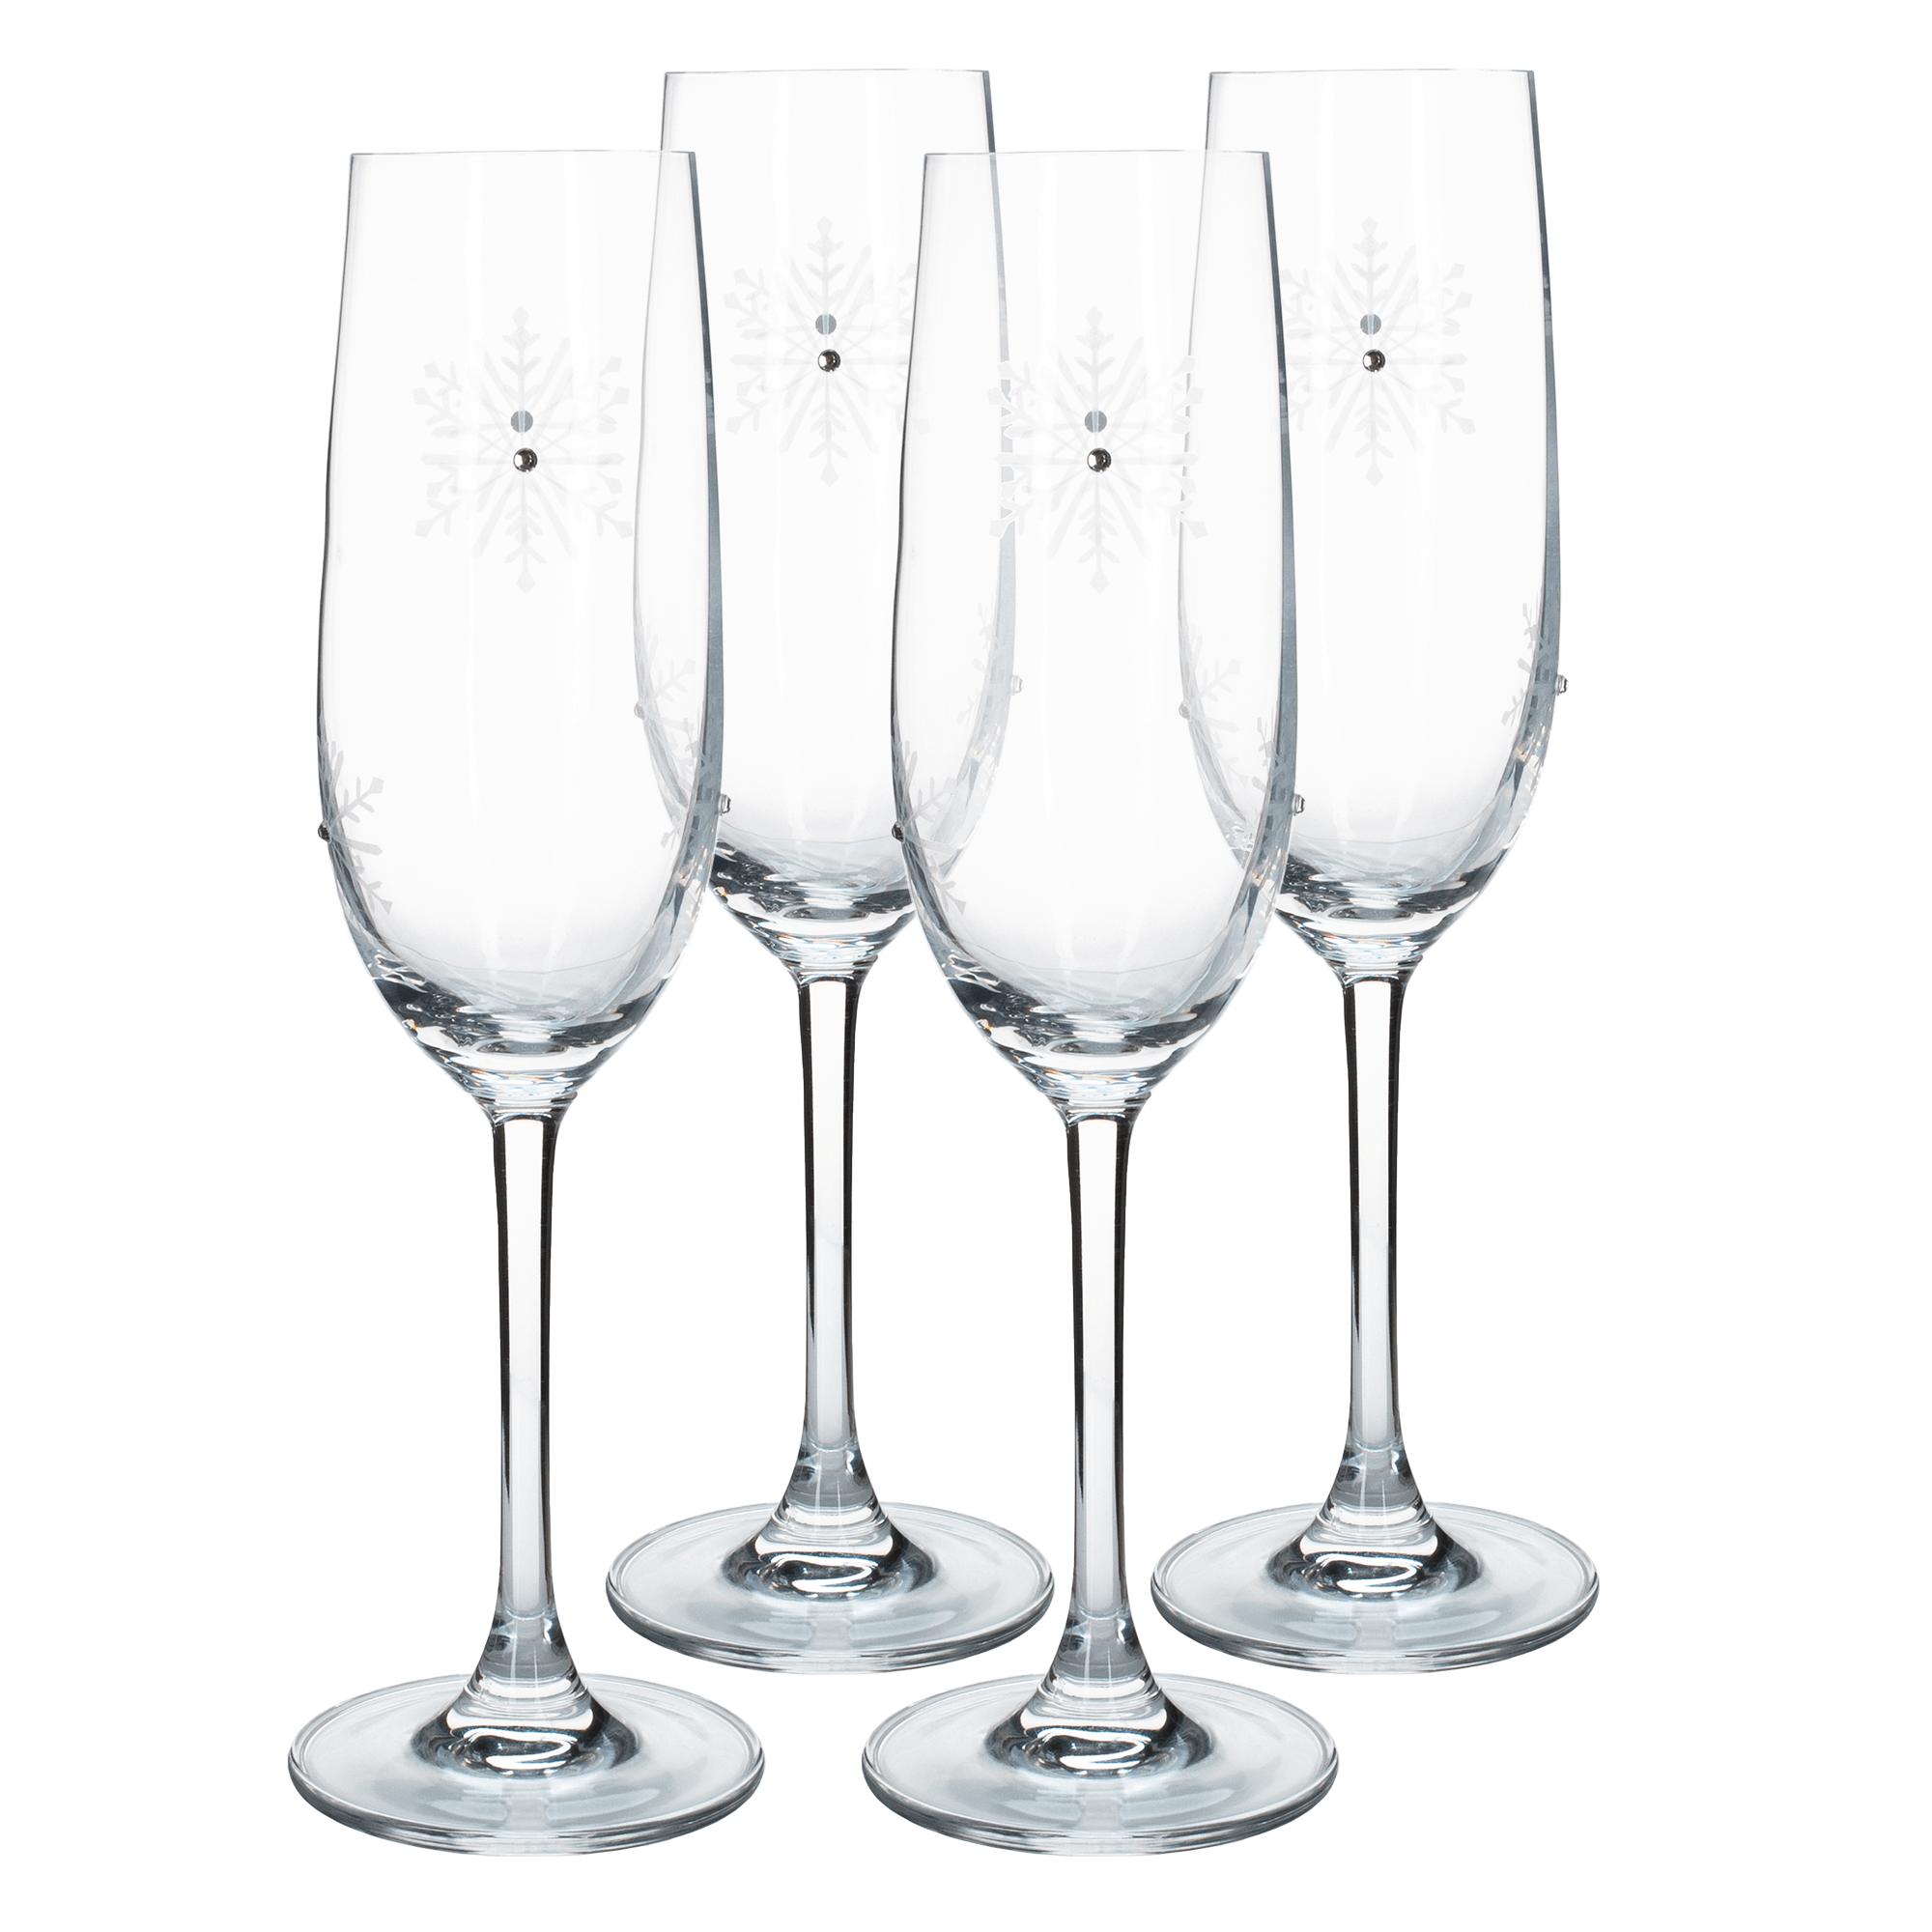 Pahare de șampanie, set de 4, 230 ml, transparent / alb, SNOWFLAKE CHAMPAGNE